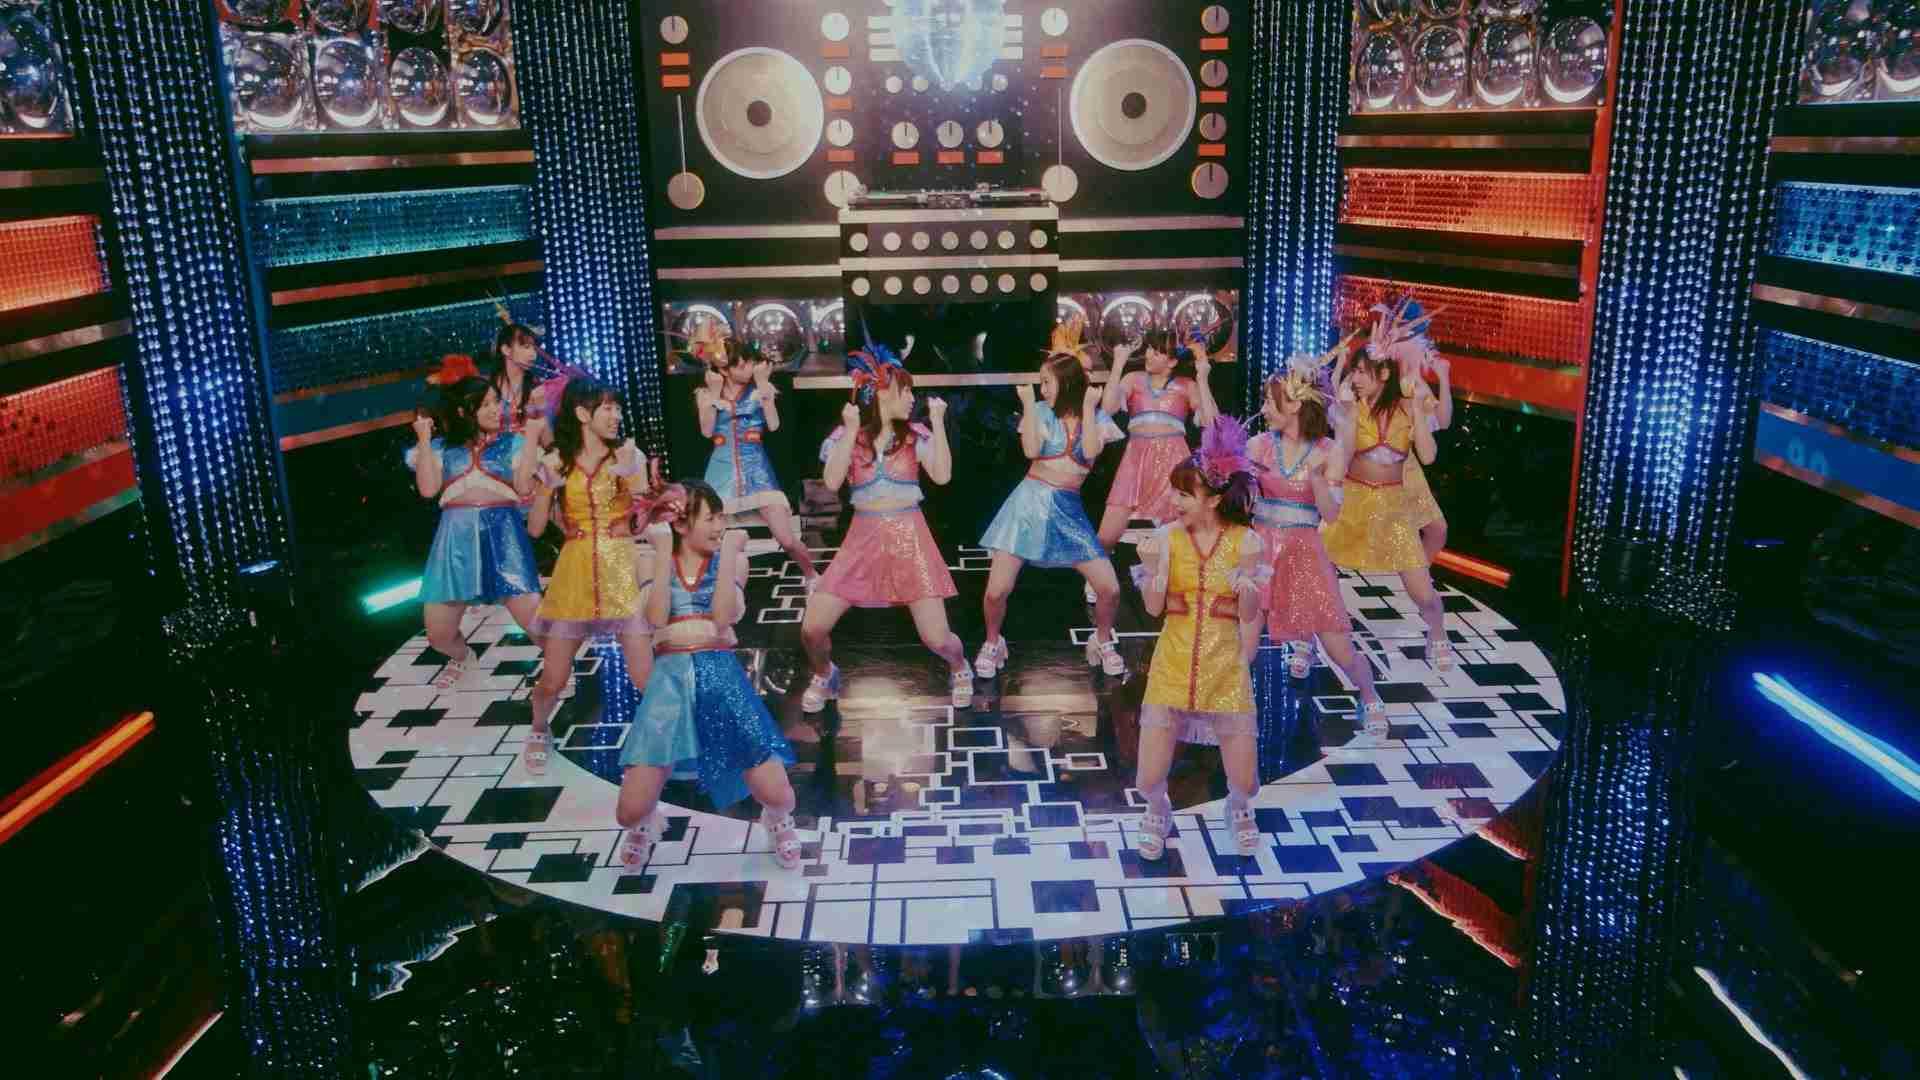 モーニング娘。'16『泡沫サタデーナイト!』(Morning Musume。'16[Ephemeral Saturday Night]) (Promotion Edit) - YouTube